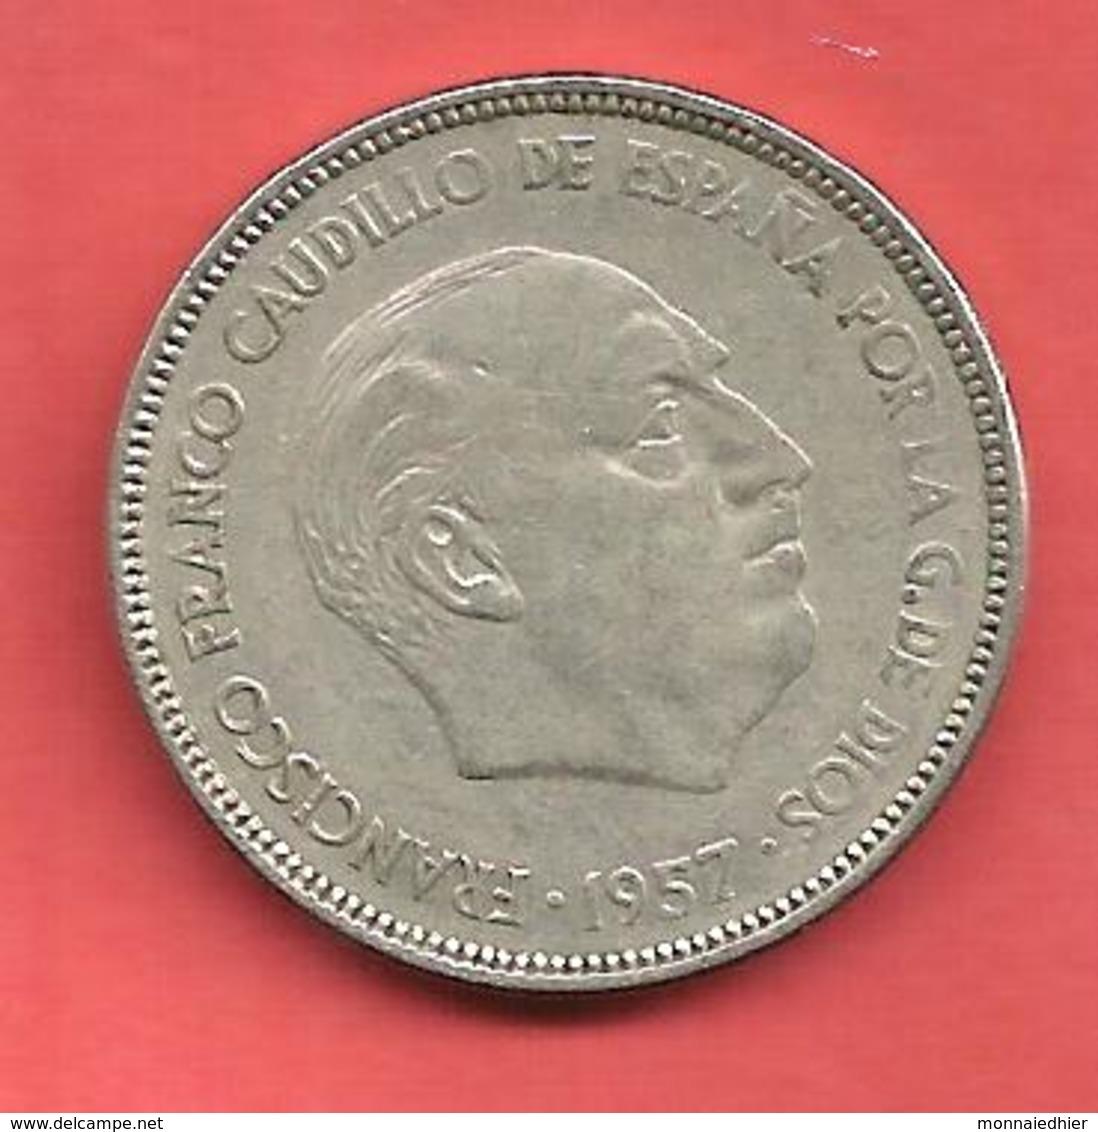 25 Pesetas , ESPAGNE , Cupro-Nickel , 1957 ( 64 ) , N° KM # 787 , N° Y119 - 25 Pesetas